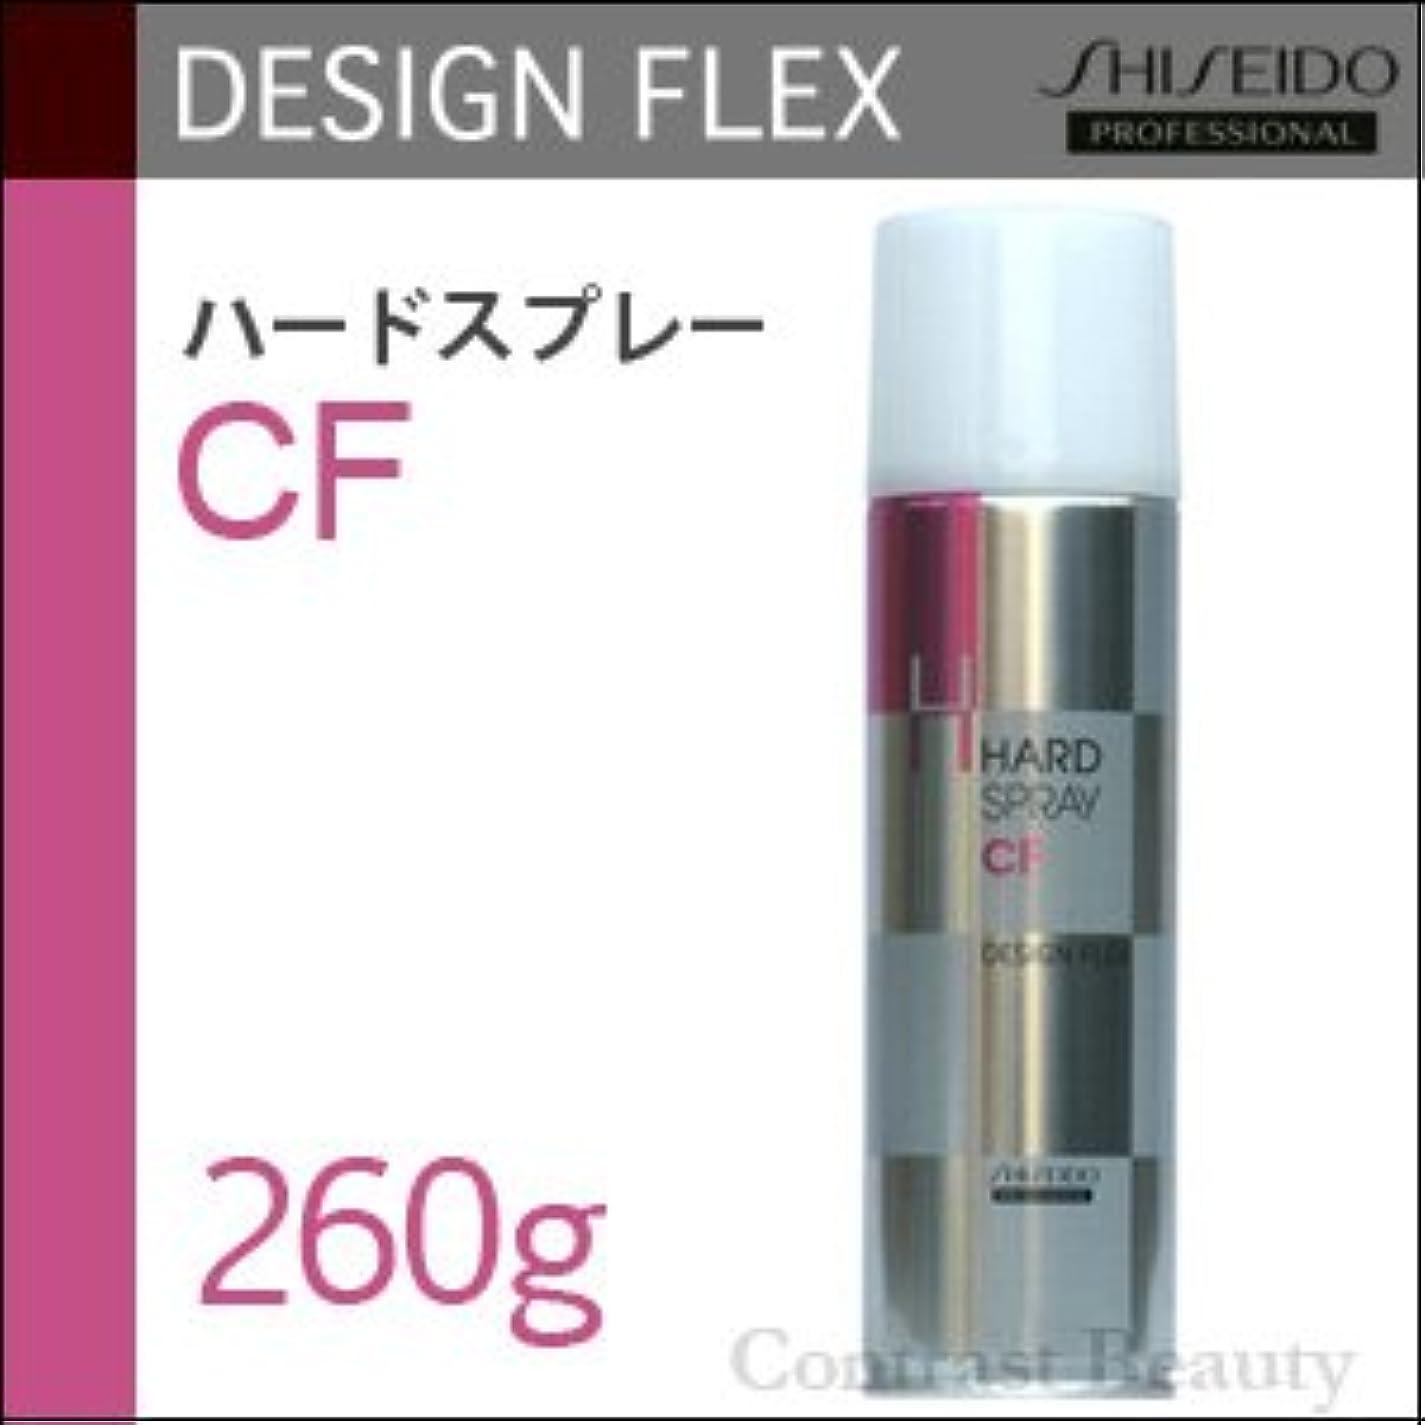 指定かる敬の念【x2個セット】 資生堂 デザインフレックス ハードスプレーCF 260g